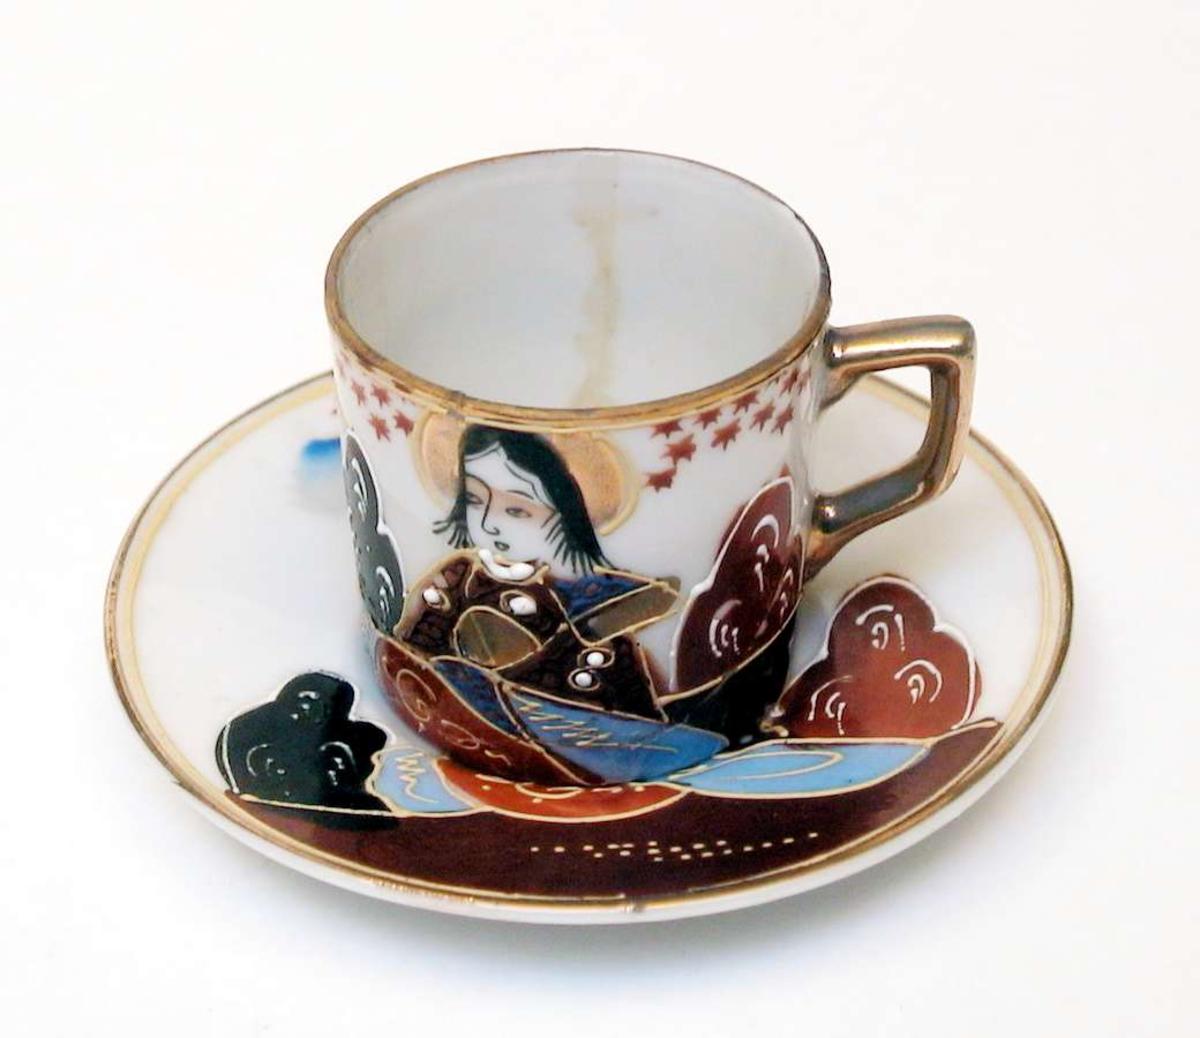 Mokkakopp med skål av hvit porselen. Både kopp og skål har håndmalt dekor. Motivet er japansk. Kanten på koppen og skålen er forgylt, likeså hanken. Koppen er limt.